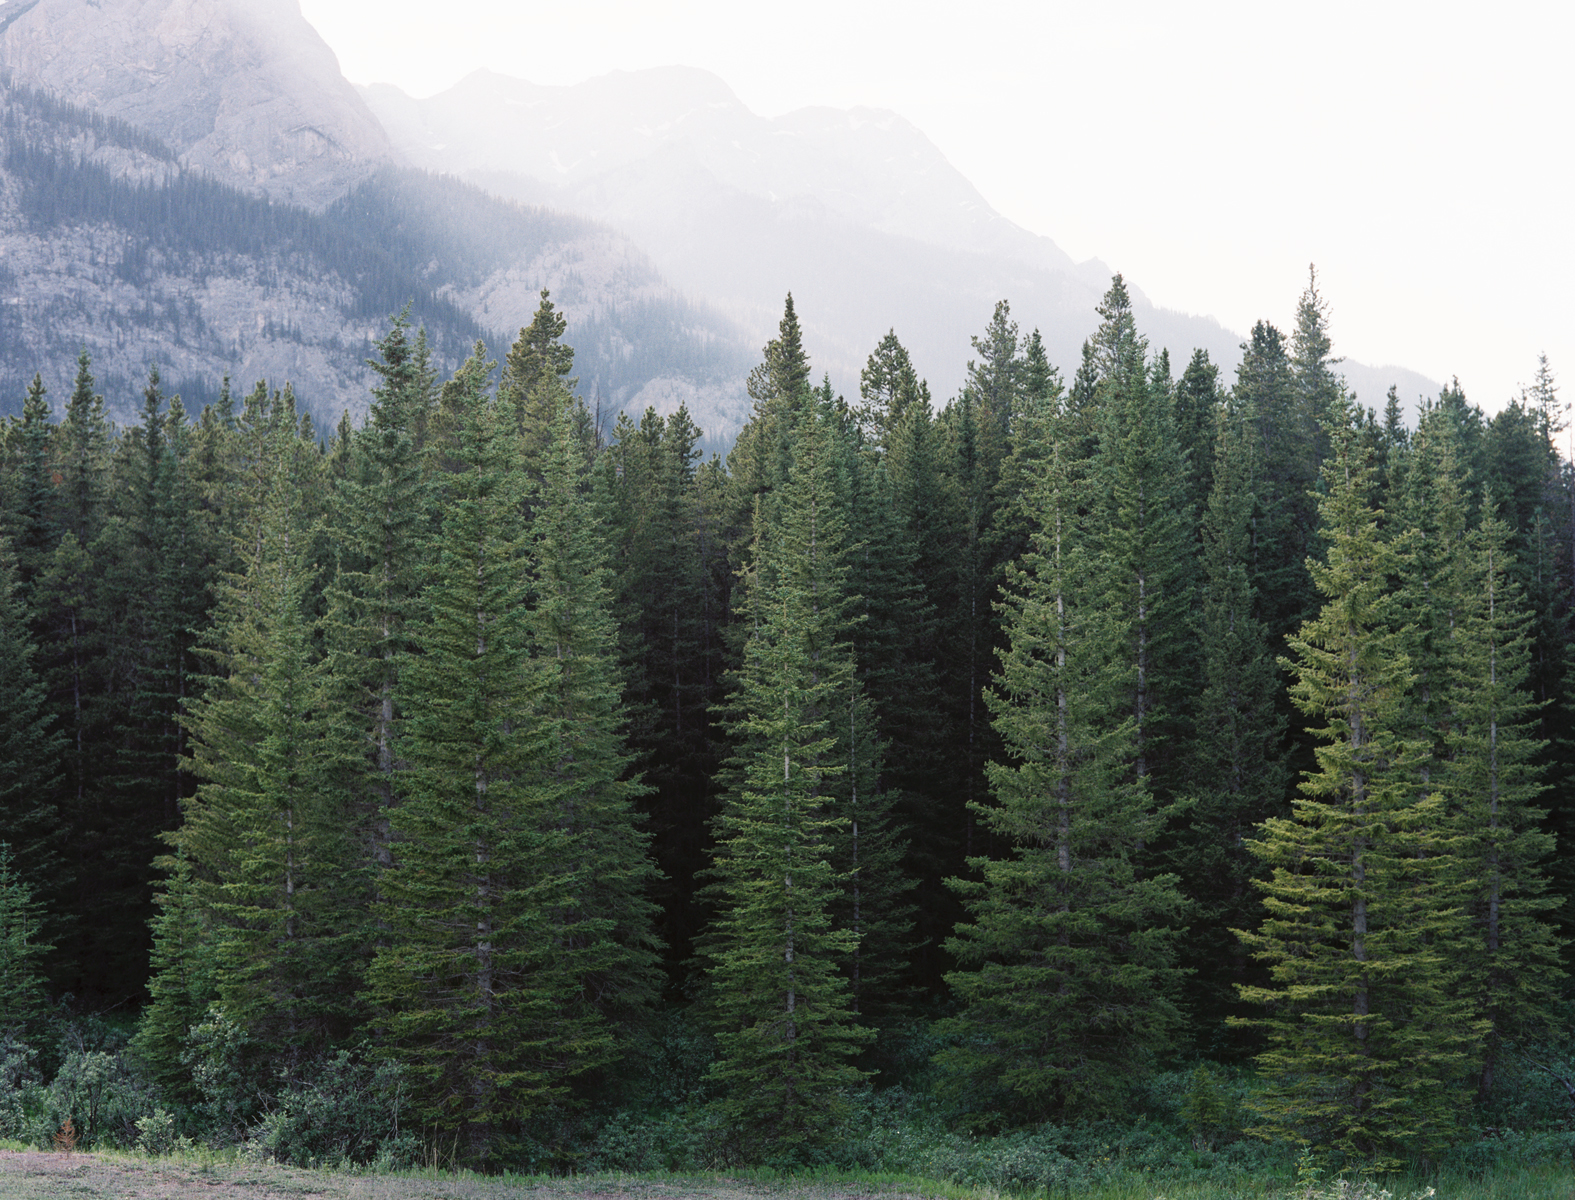 Norway Spruce Seeds Look